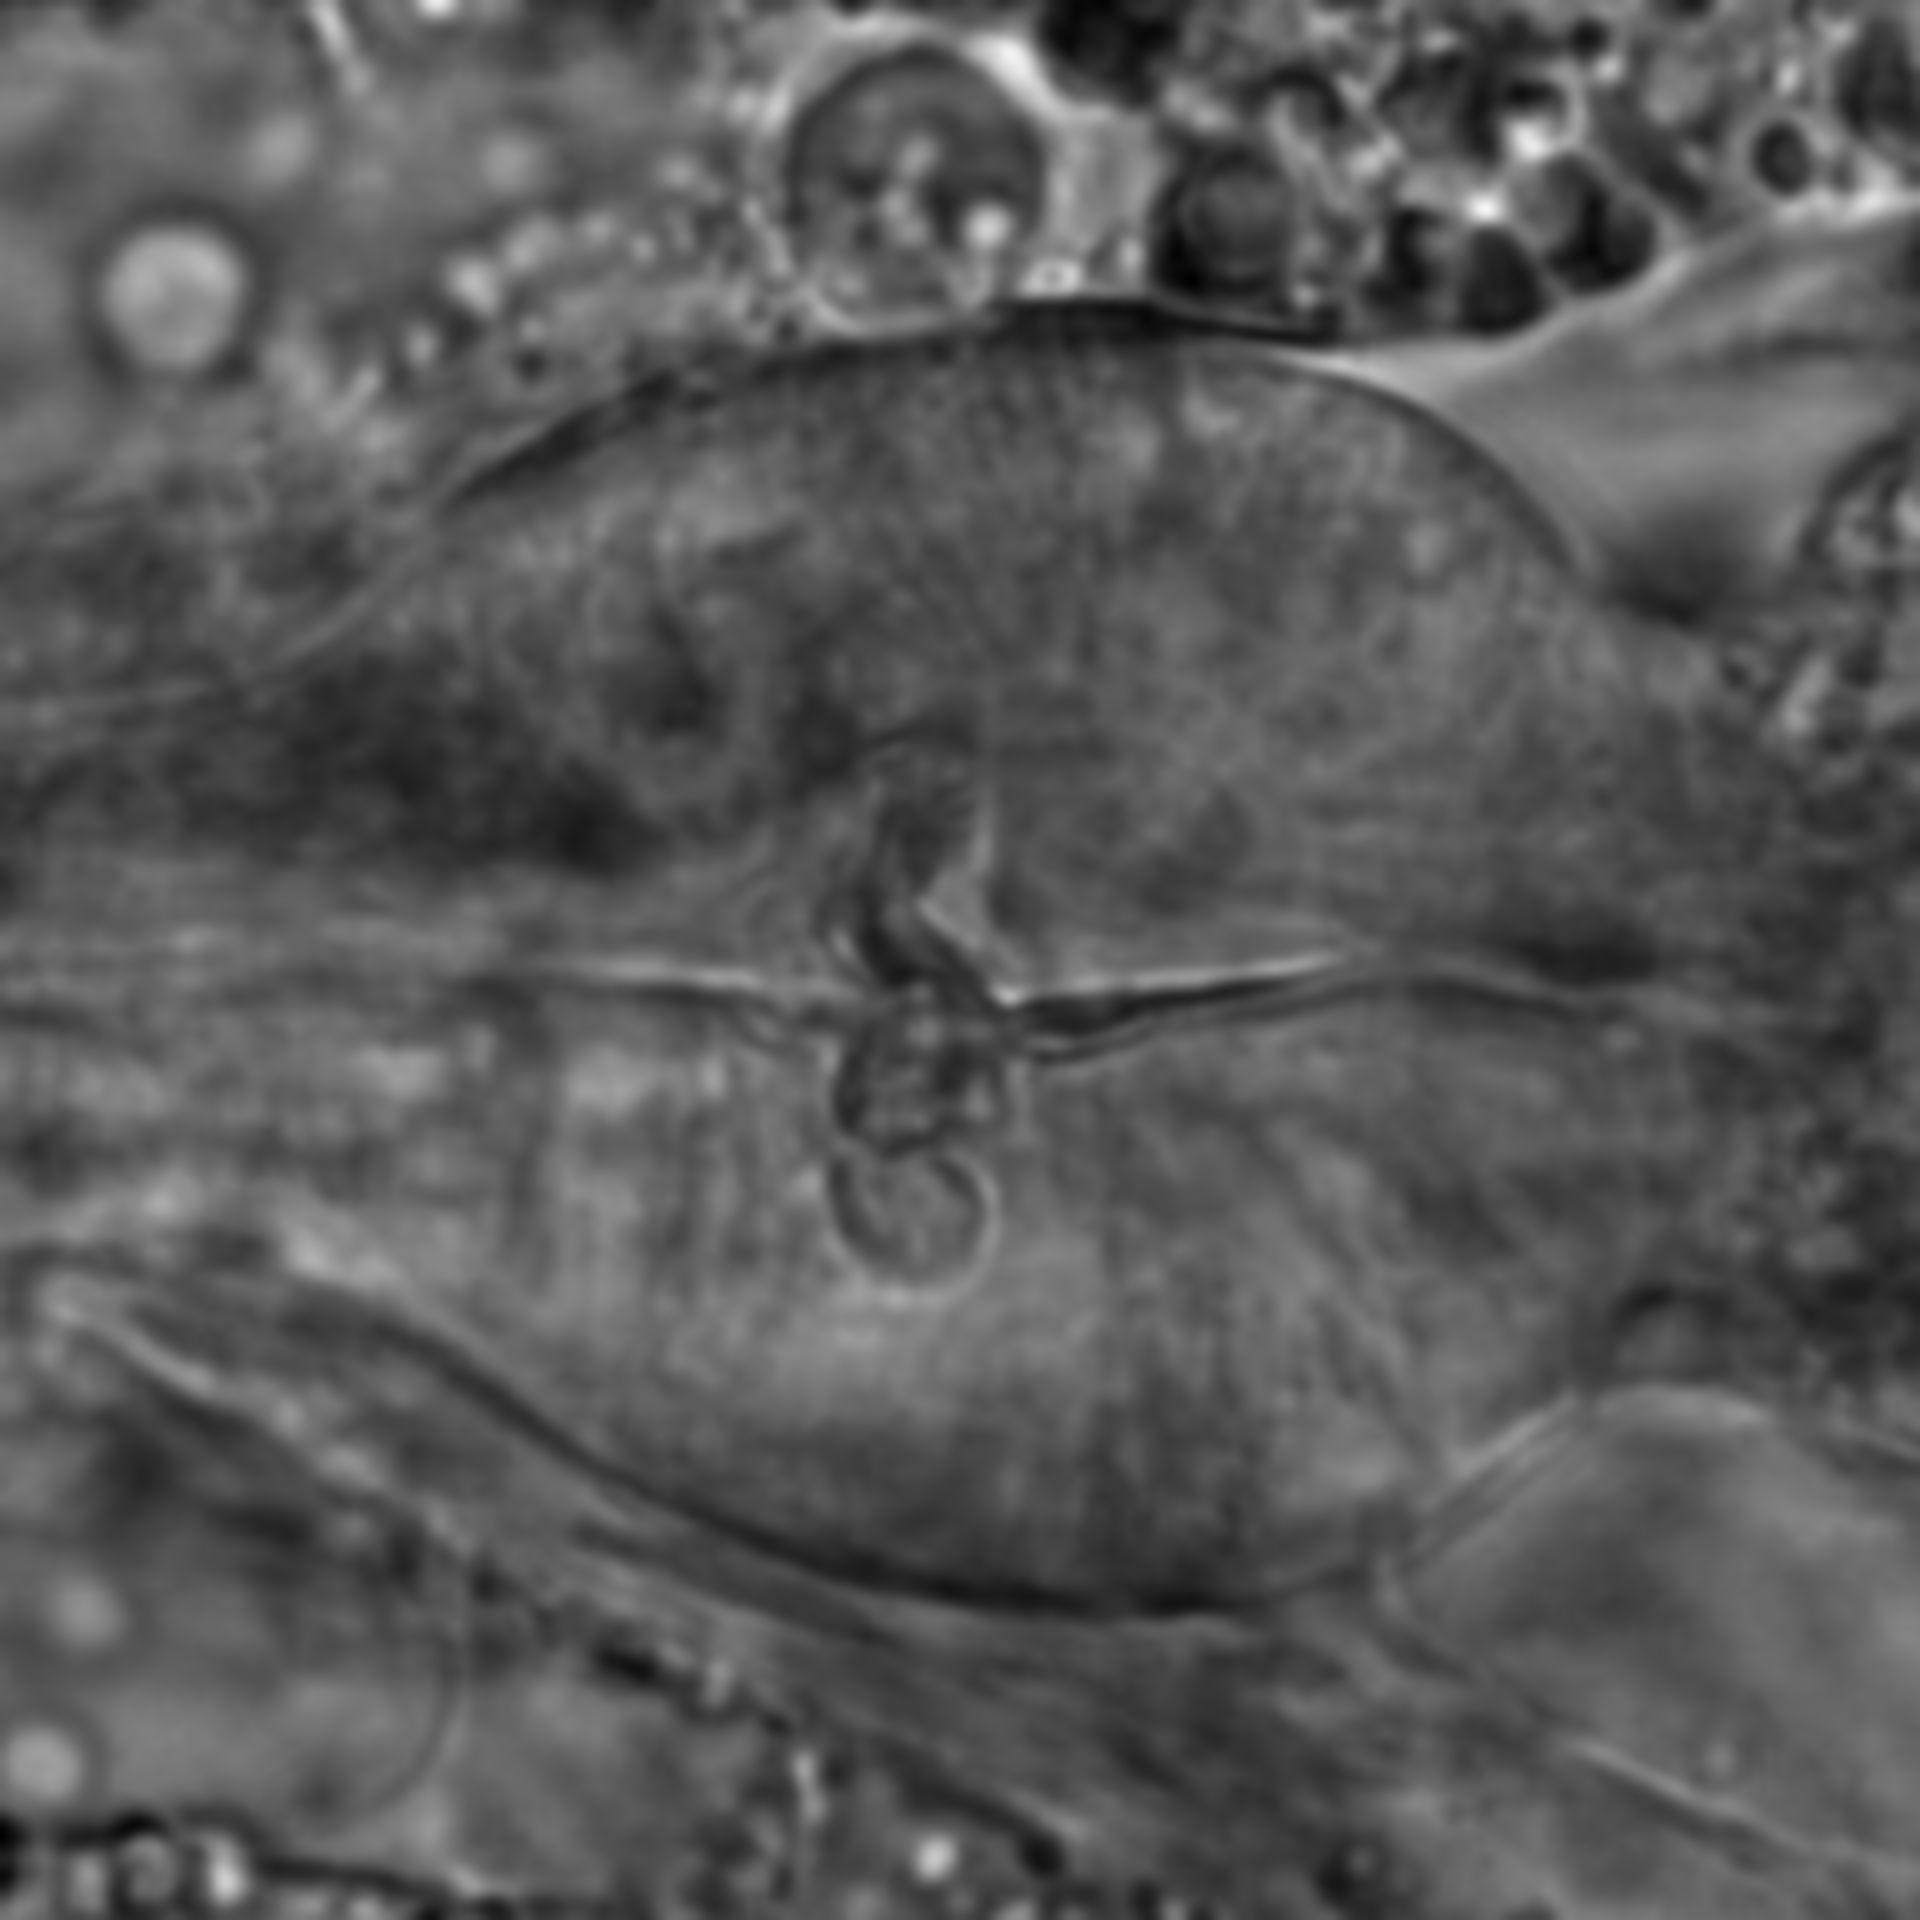 Caenorhabditis elegans - CIL:1698